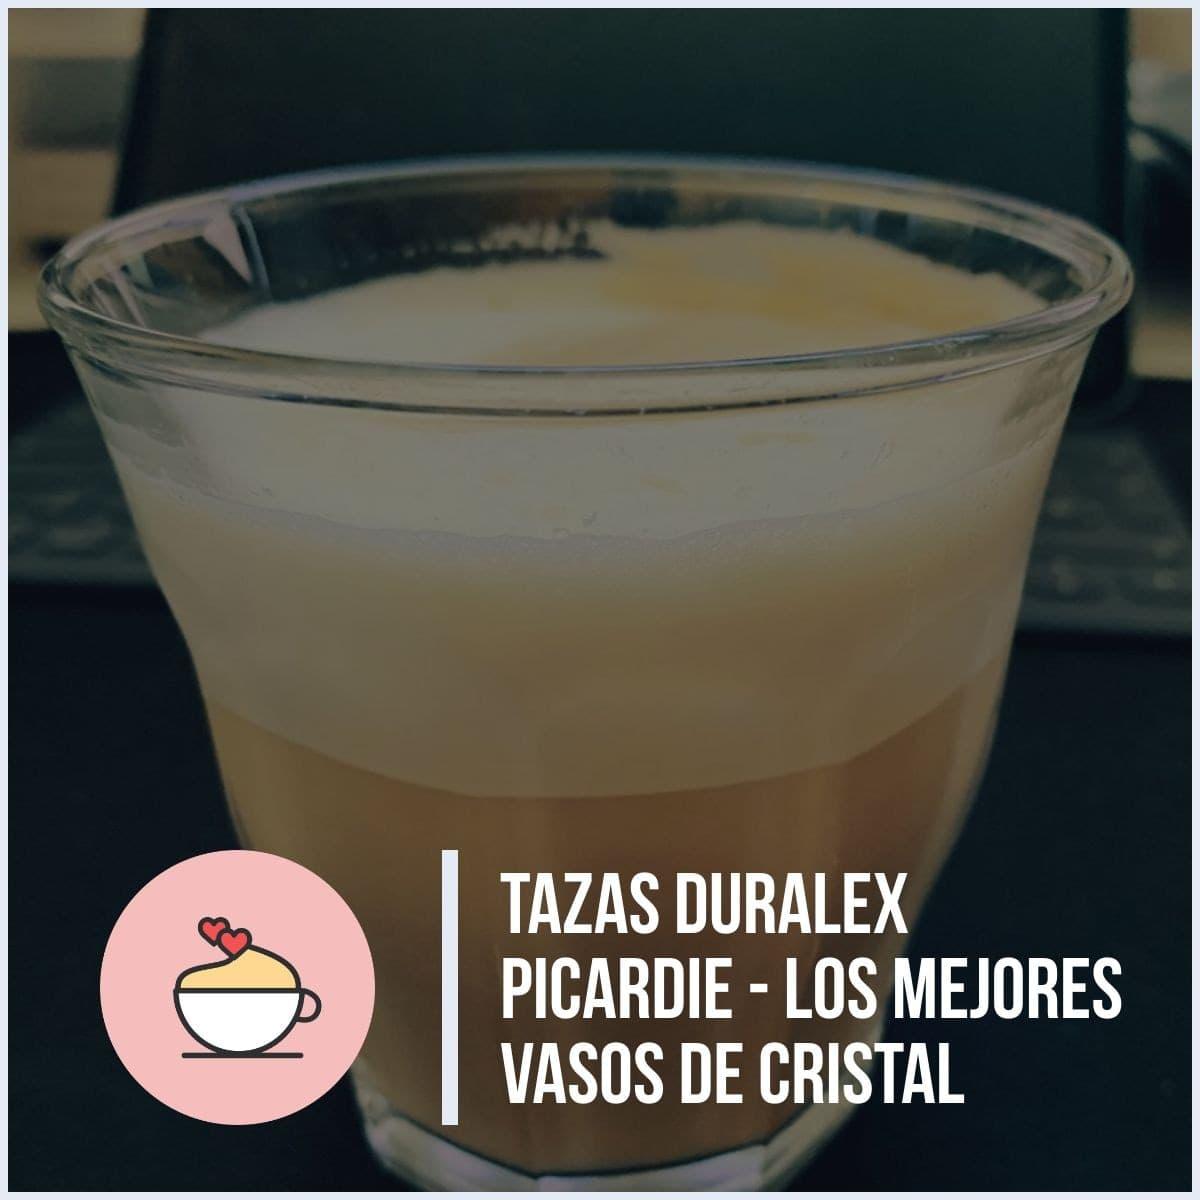 Tazas Duralex Picardie - Los mejores vasos de cristal para café espresso